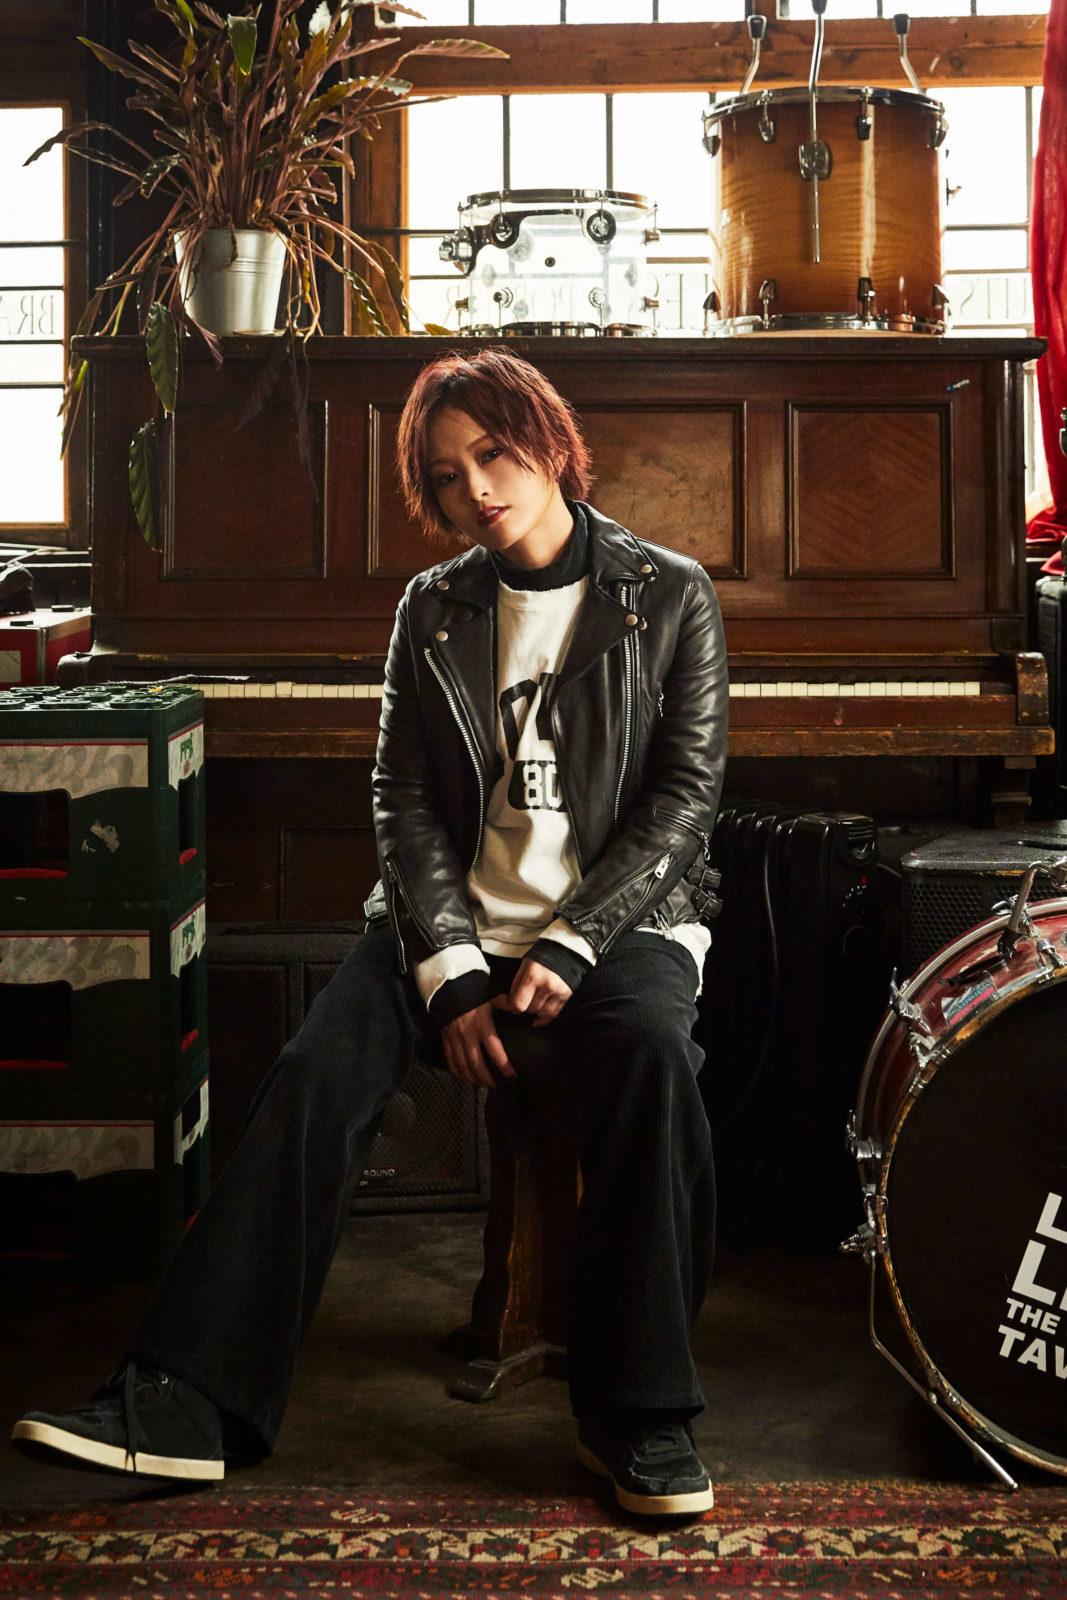 山本彩、初のオリジナルアルバムのタイトルが「α」に決定サムネイル画像